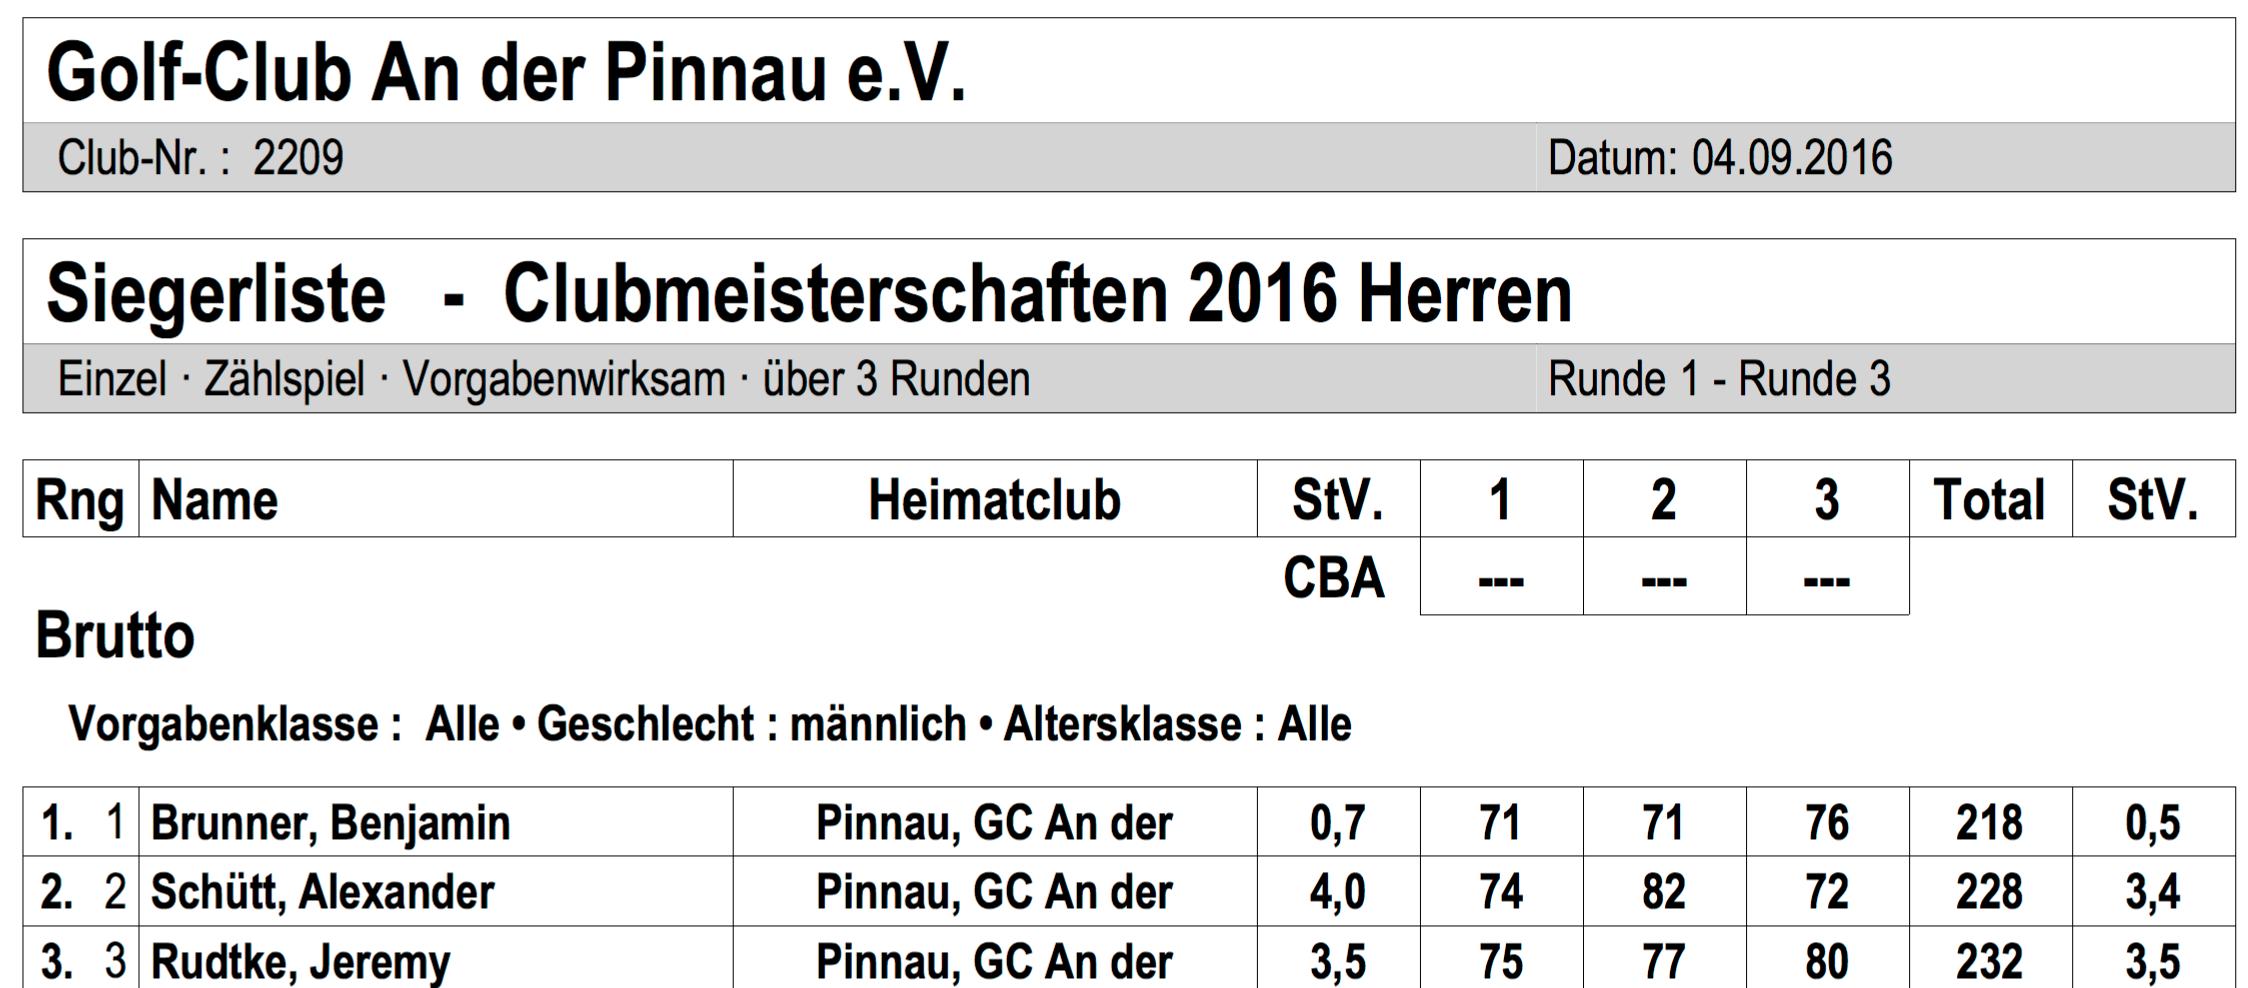 Clubmeisterschaften 2016, Herren, Pinnau, Ergebnisse